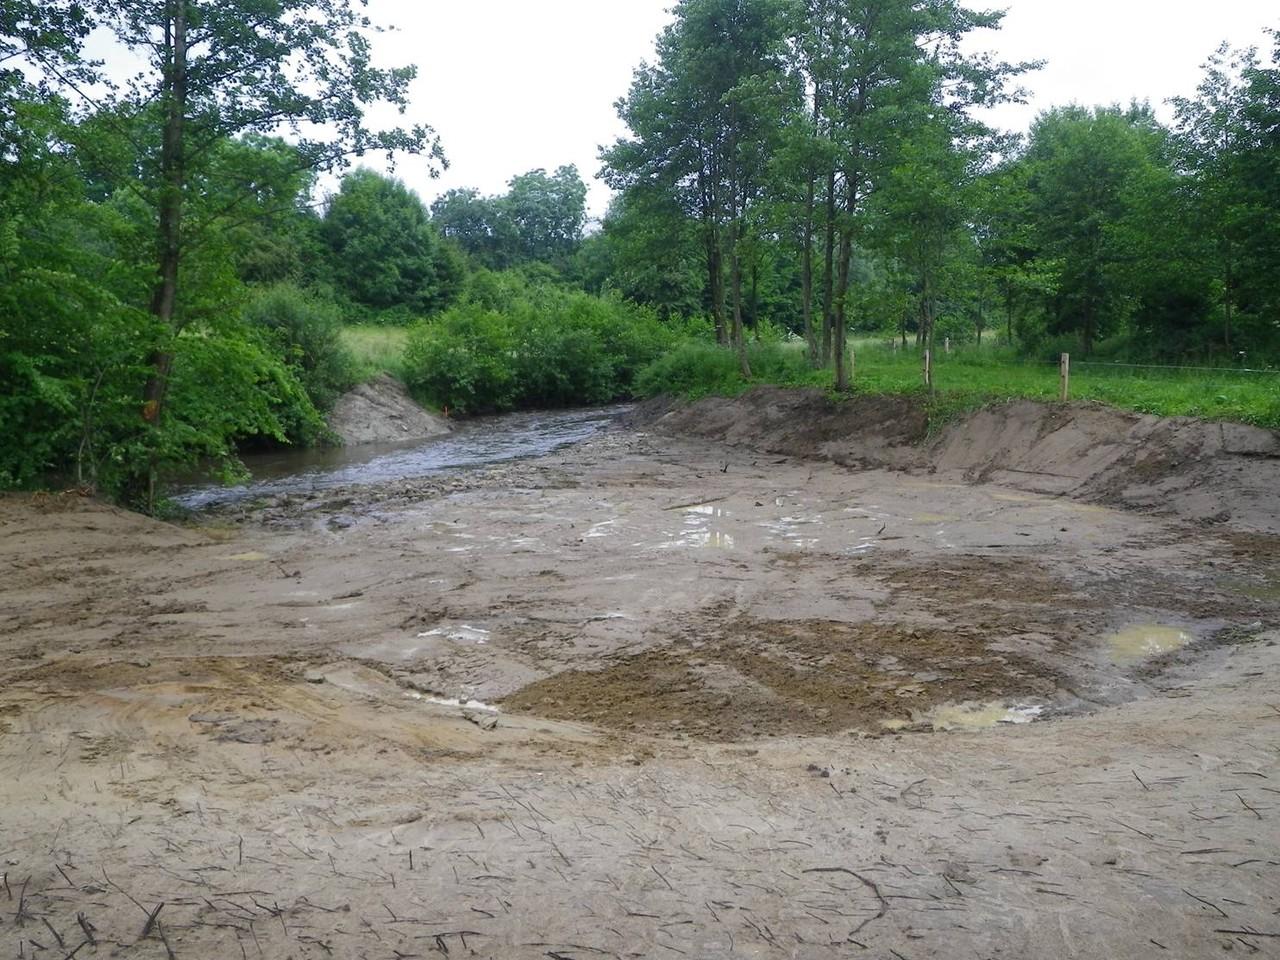 Comblement de l'emprise de l'ancien ouvrage et création d'une zone humide